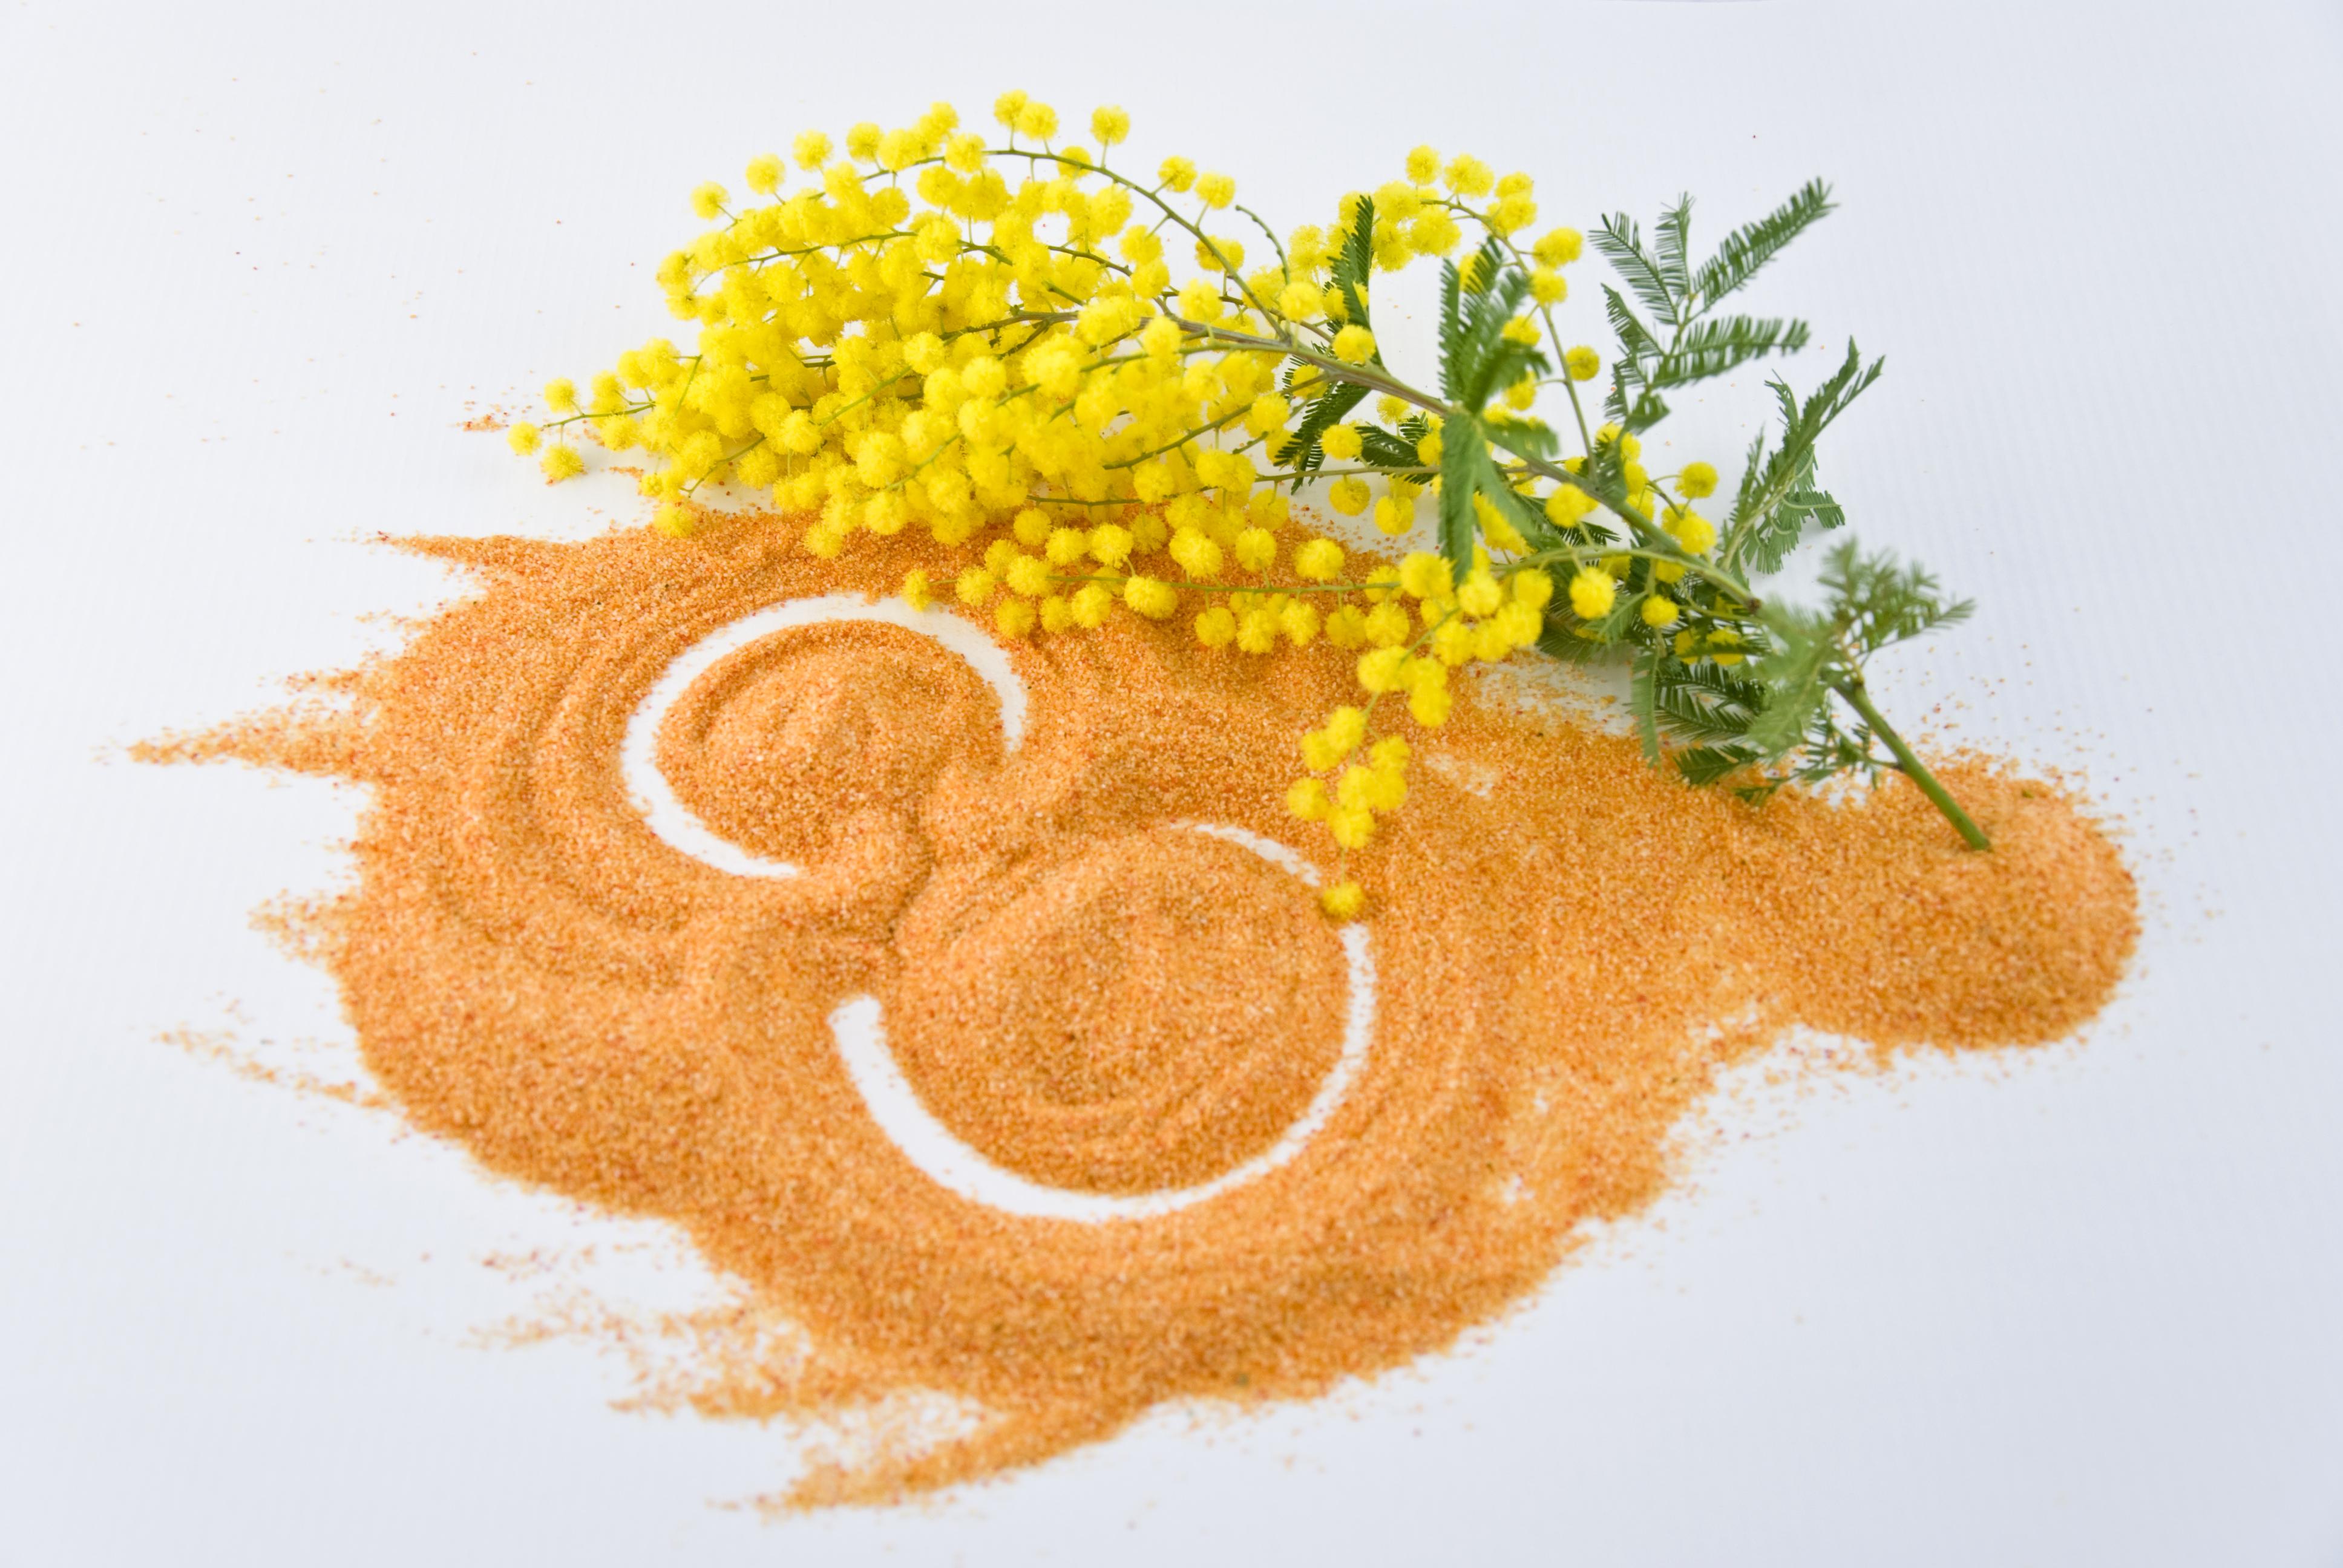 8 Марта, праздник, цветы, желтые бесплатно